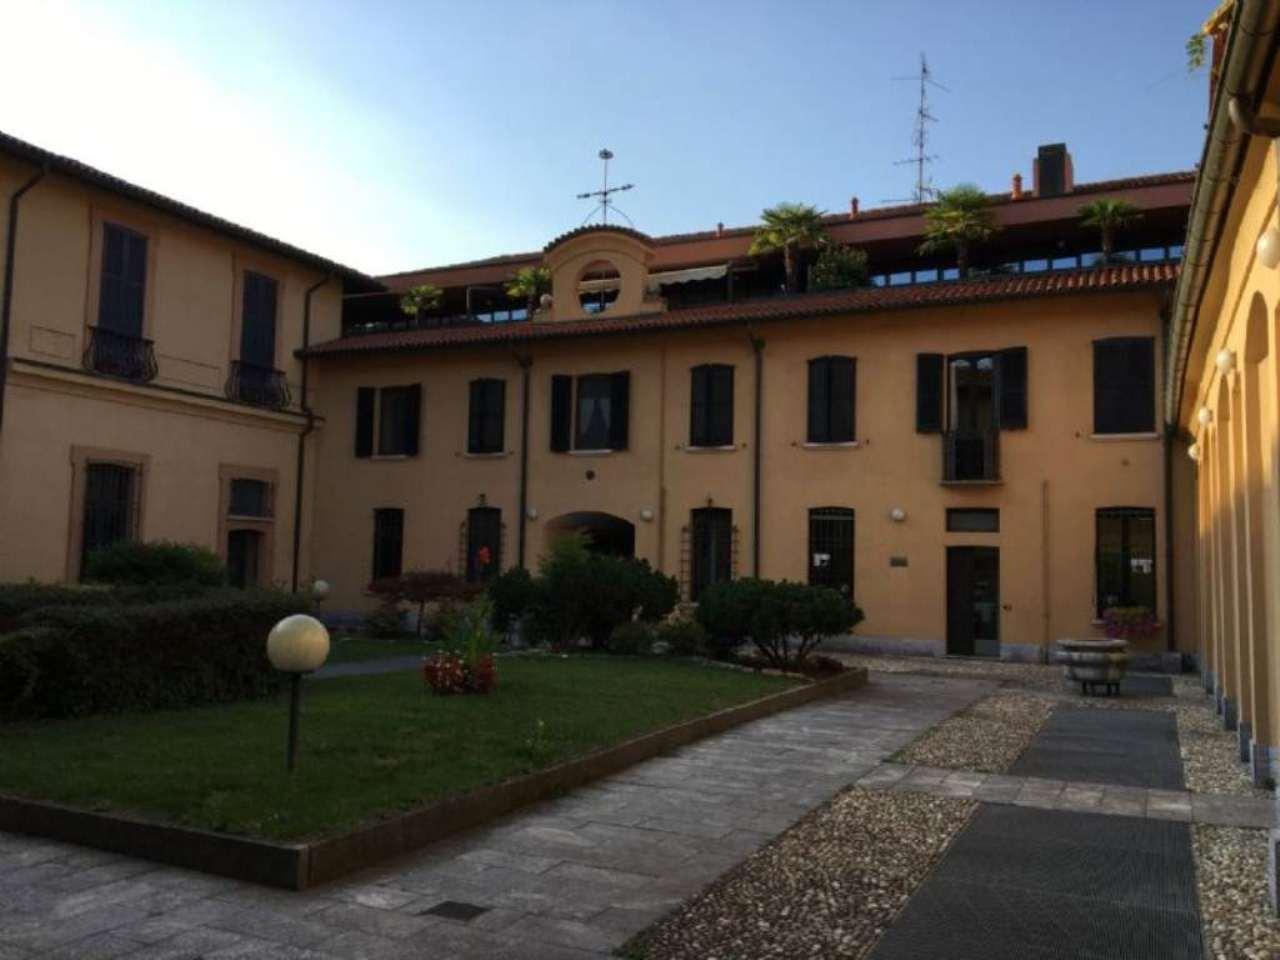 Appartamento in vendita a Cernusco sul Naviglio, 3 locali, prezzo € 165.000 | Cambio Casa.it